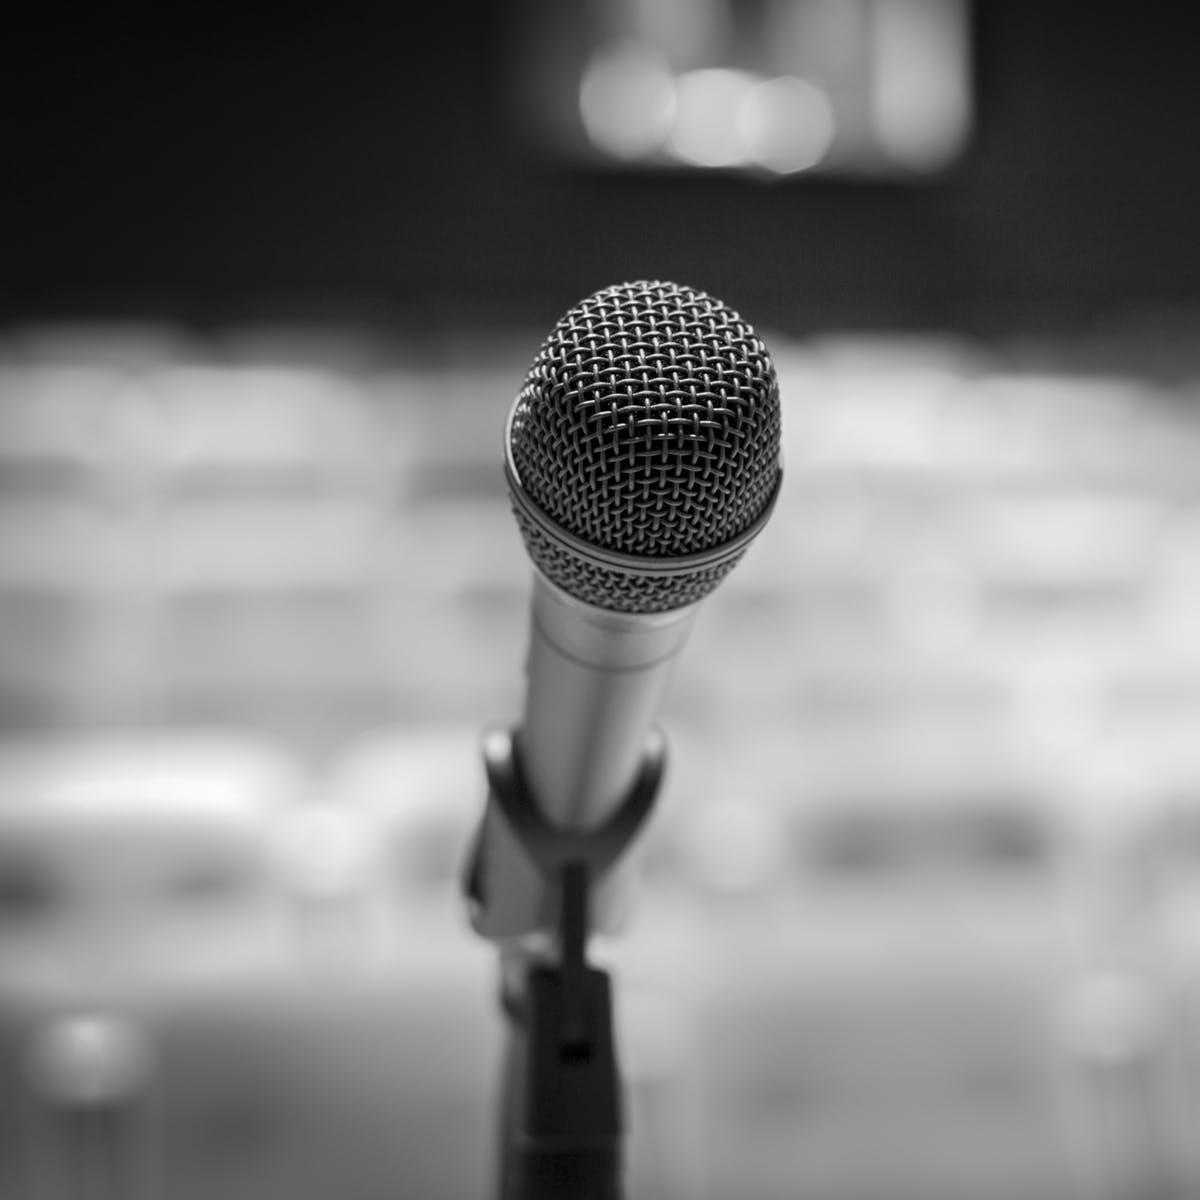 مقدمة عن مخاطبة الجمهور - باللغة العربية